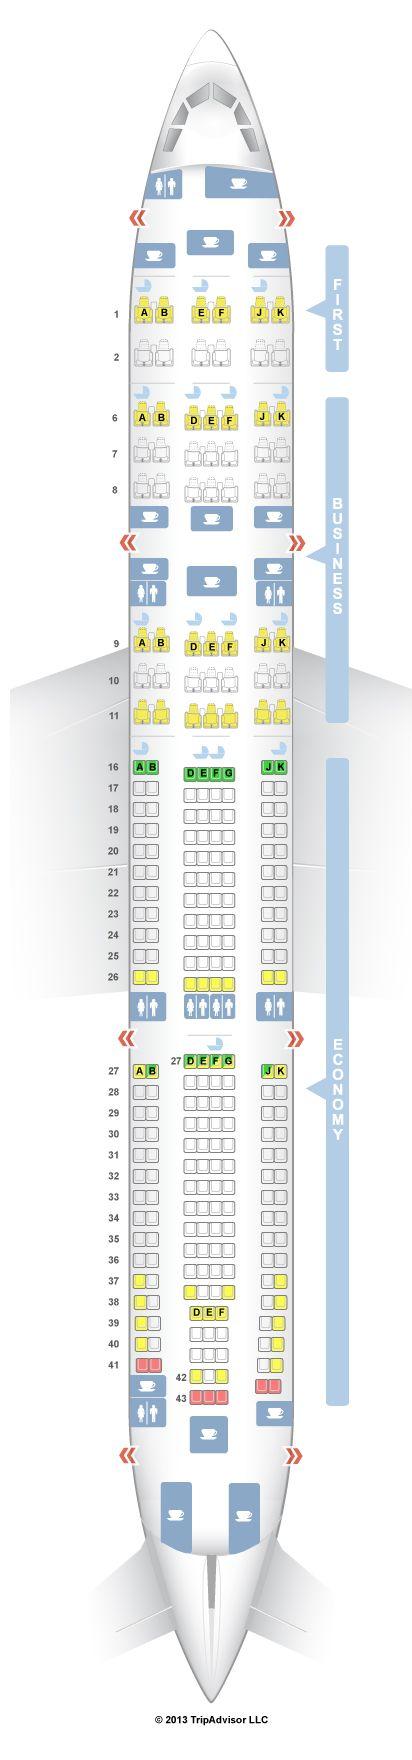 Seatguru Seat Map Emirates Airbus A340 300 343 Emirates Airbus